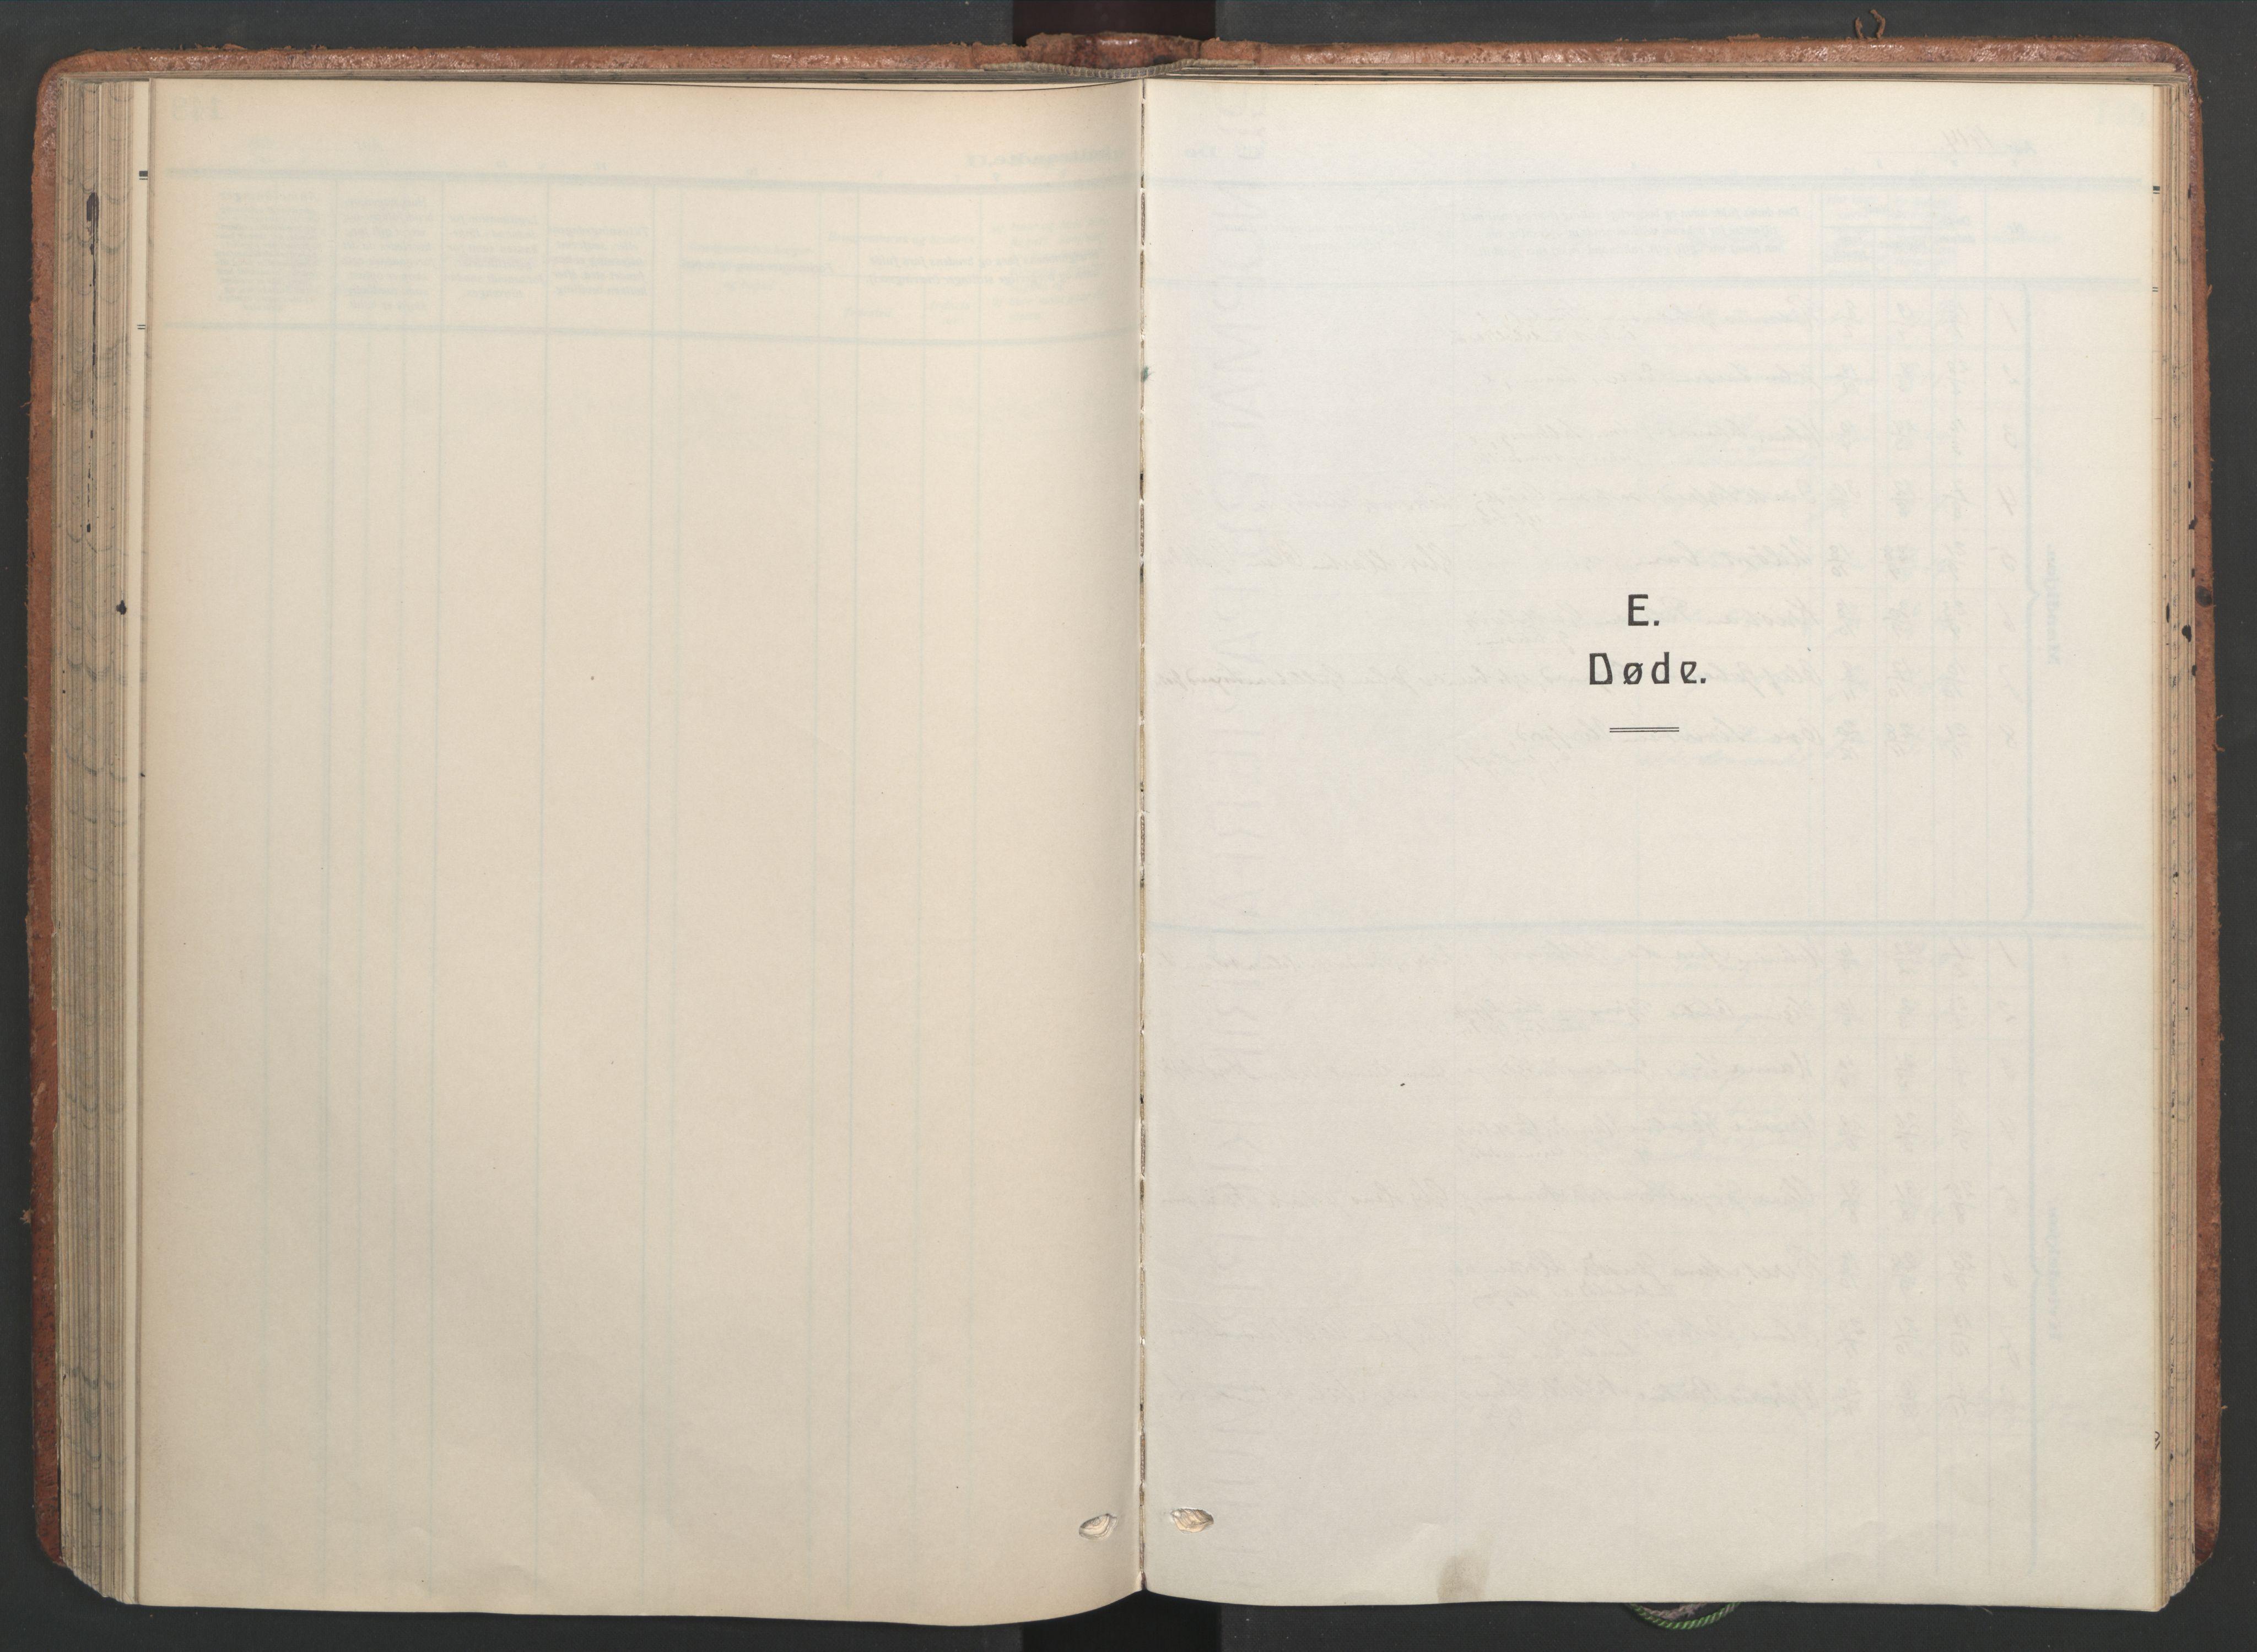 SAT, Ministerialprotokoller, klokkerbøker og fødselsregistre - Sør-Trøndelag, 656/L0694: Ministerialbok nr. 656A03, 1914-1931, s. 149